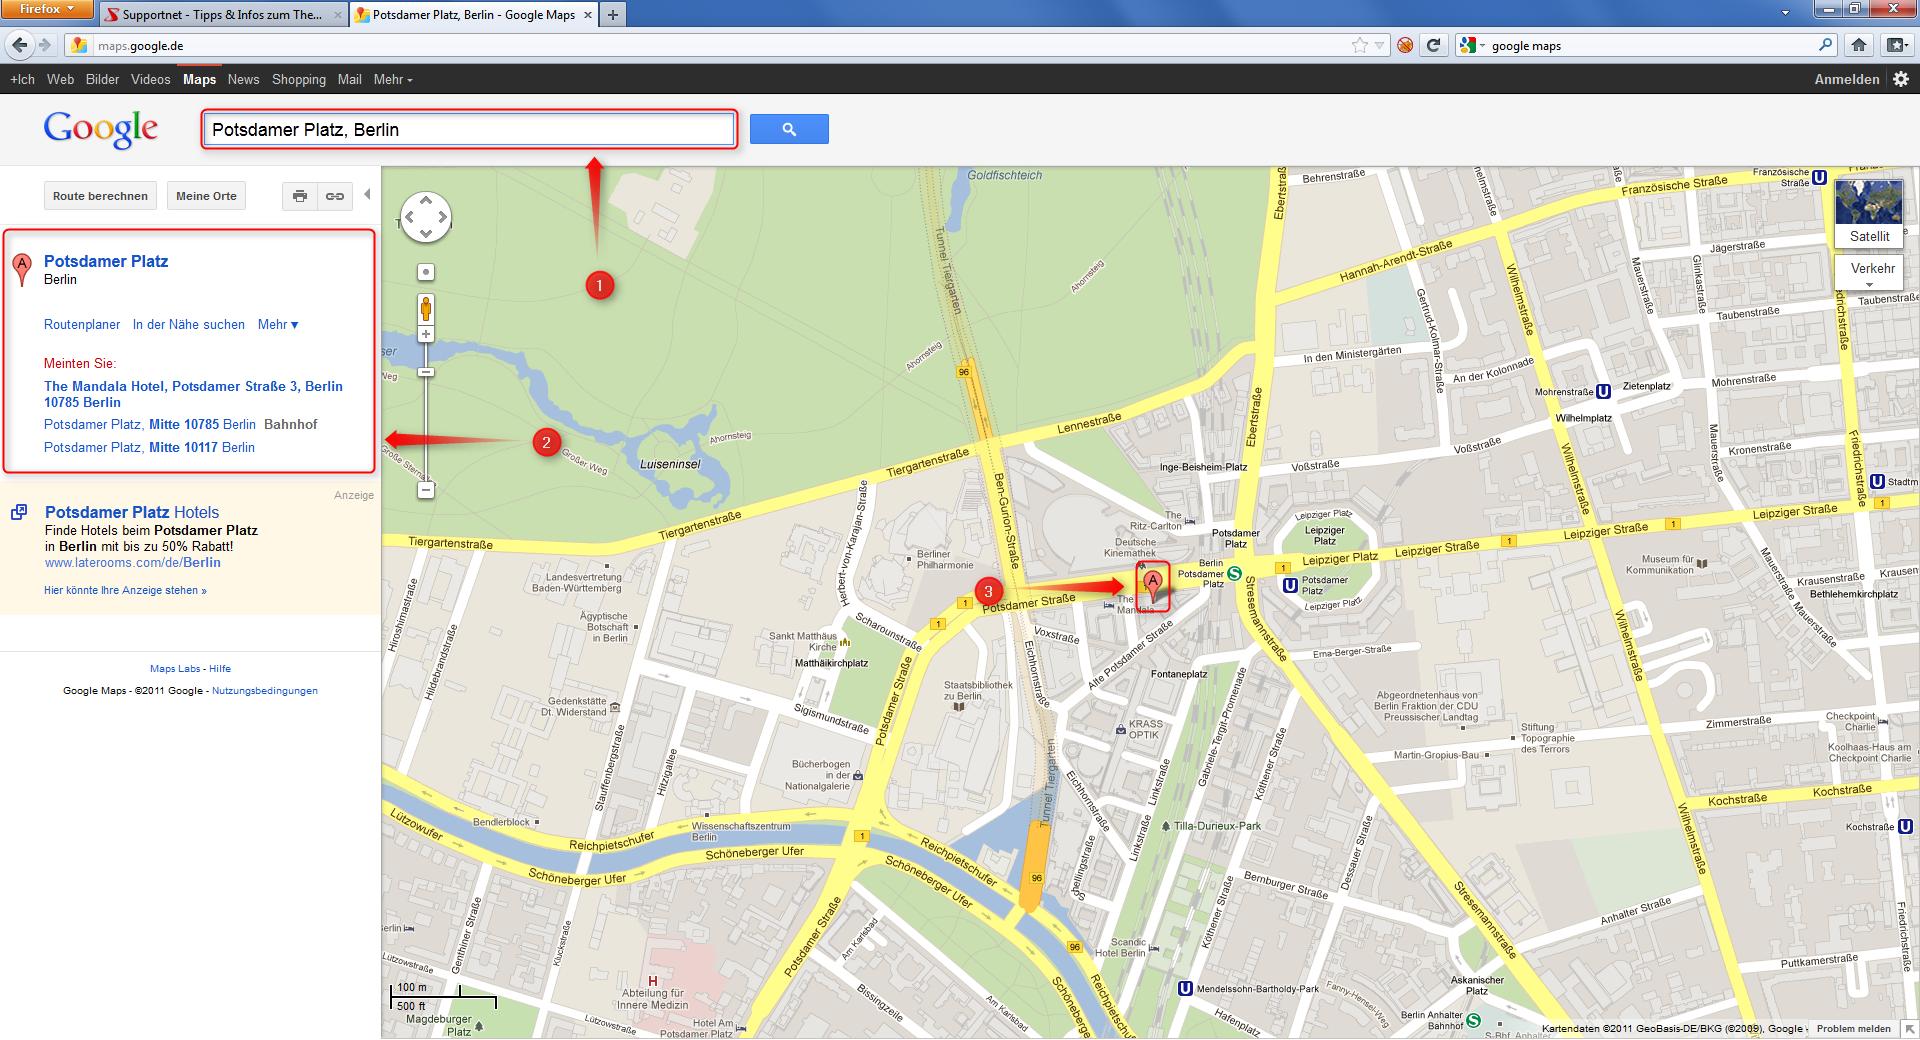 02-google-maps-die-welt-von-oben-erste-suche-470.png?nocache=1325766310404